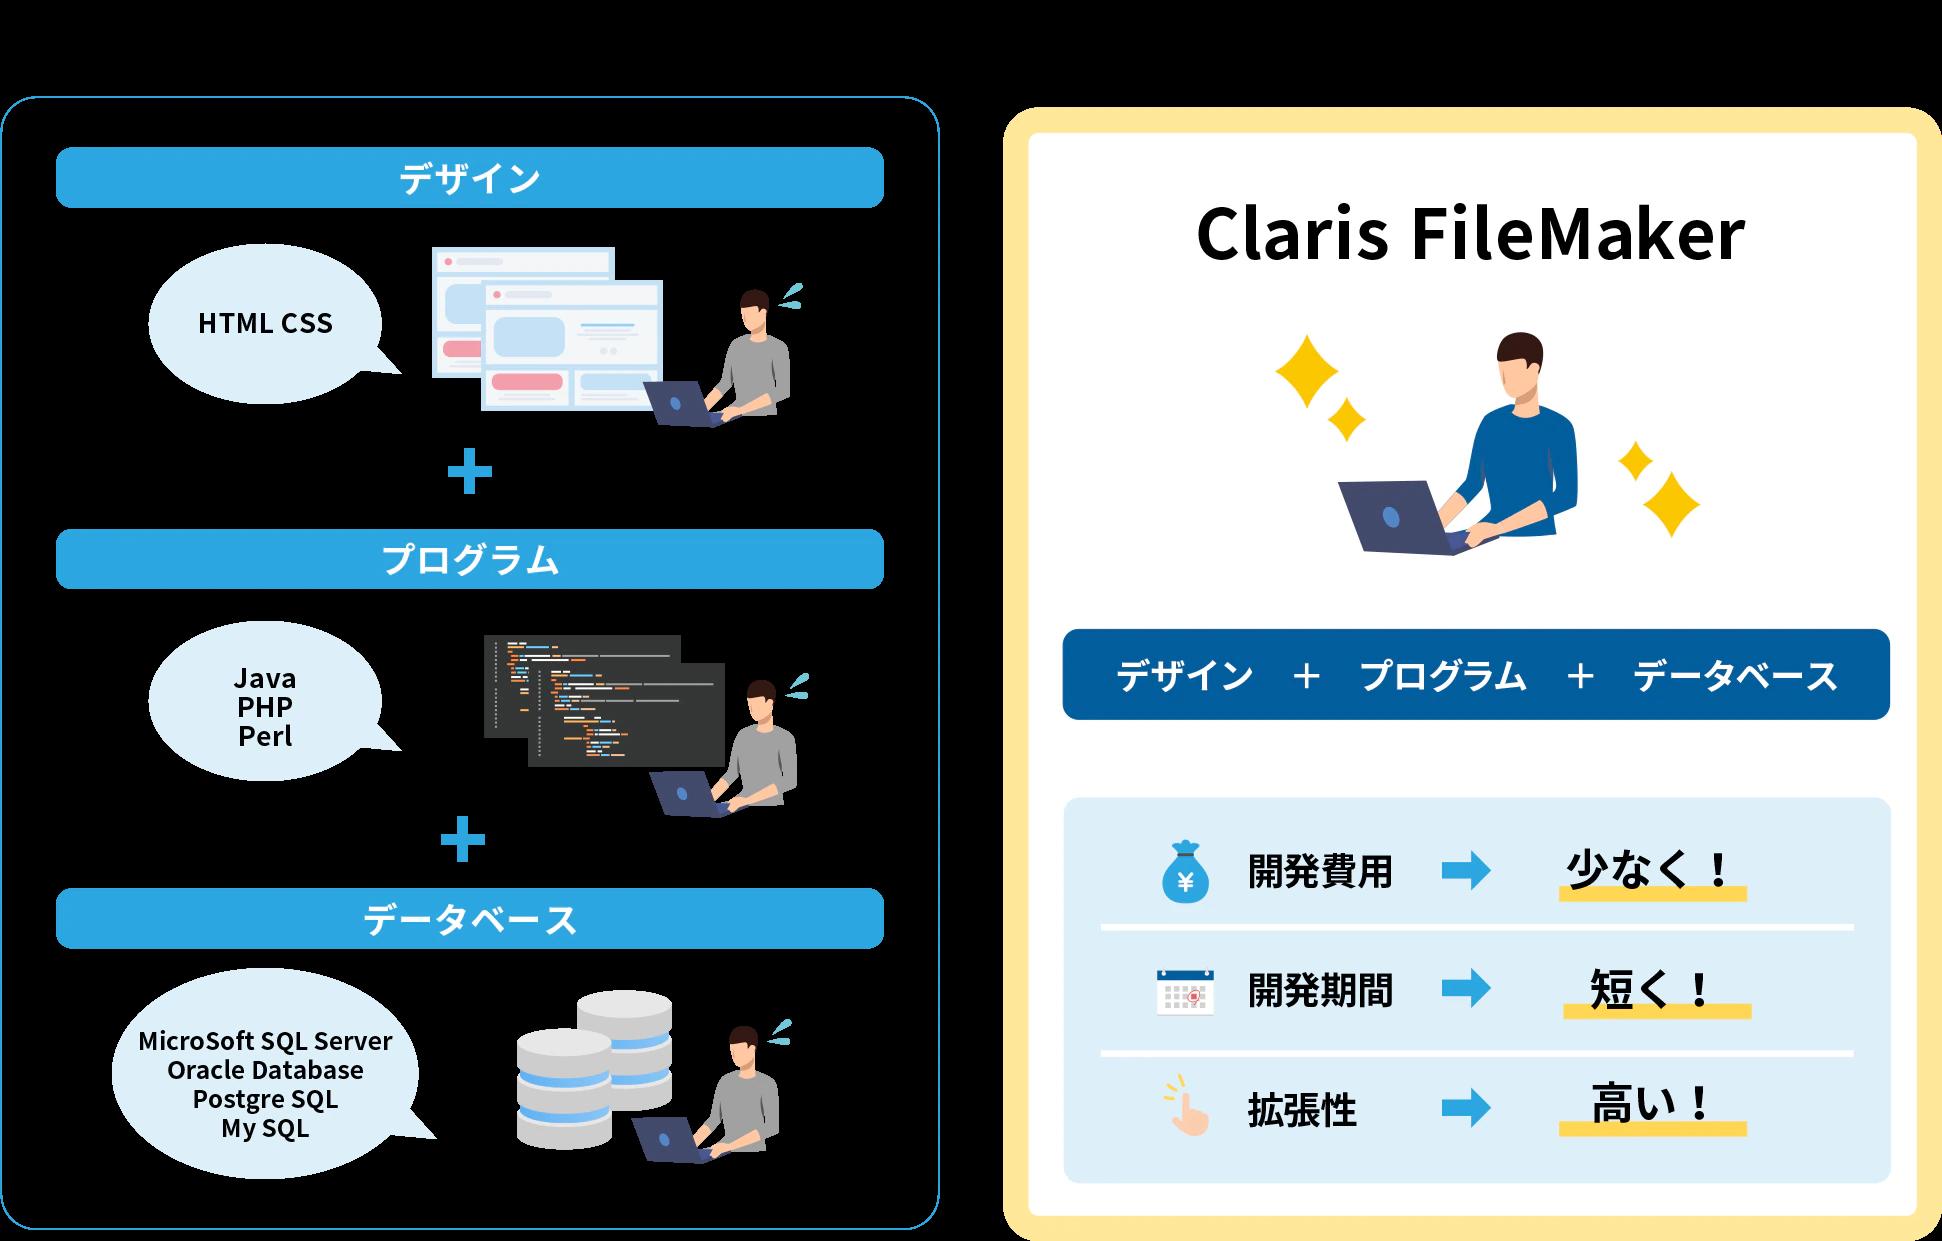 イメージ:一般的なアプリ開発と FileMaker 開発の違い